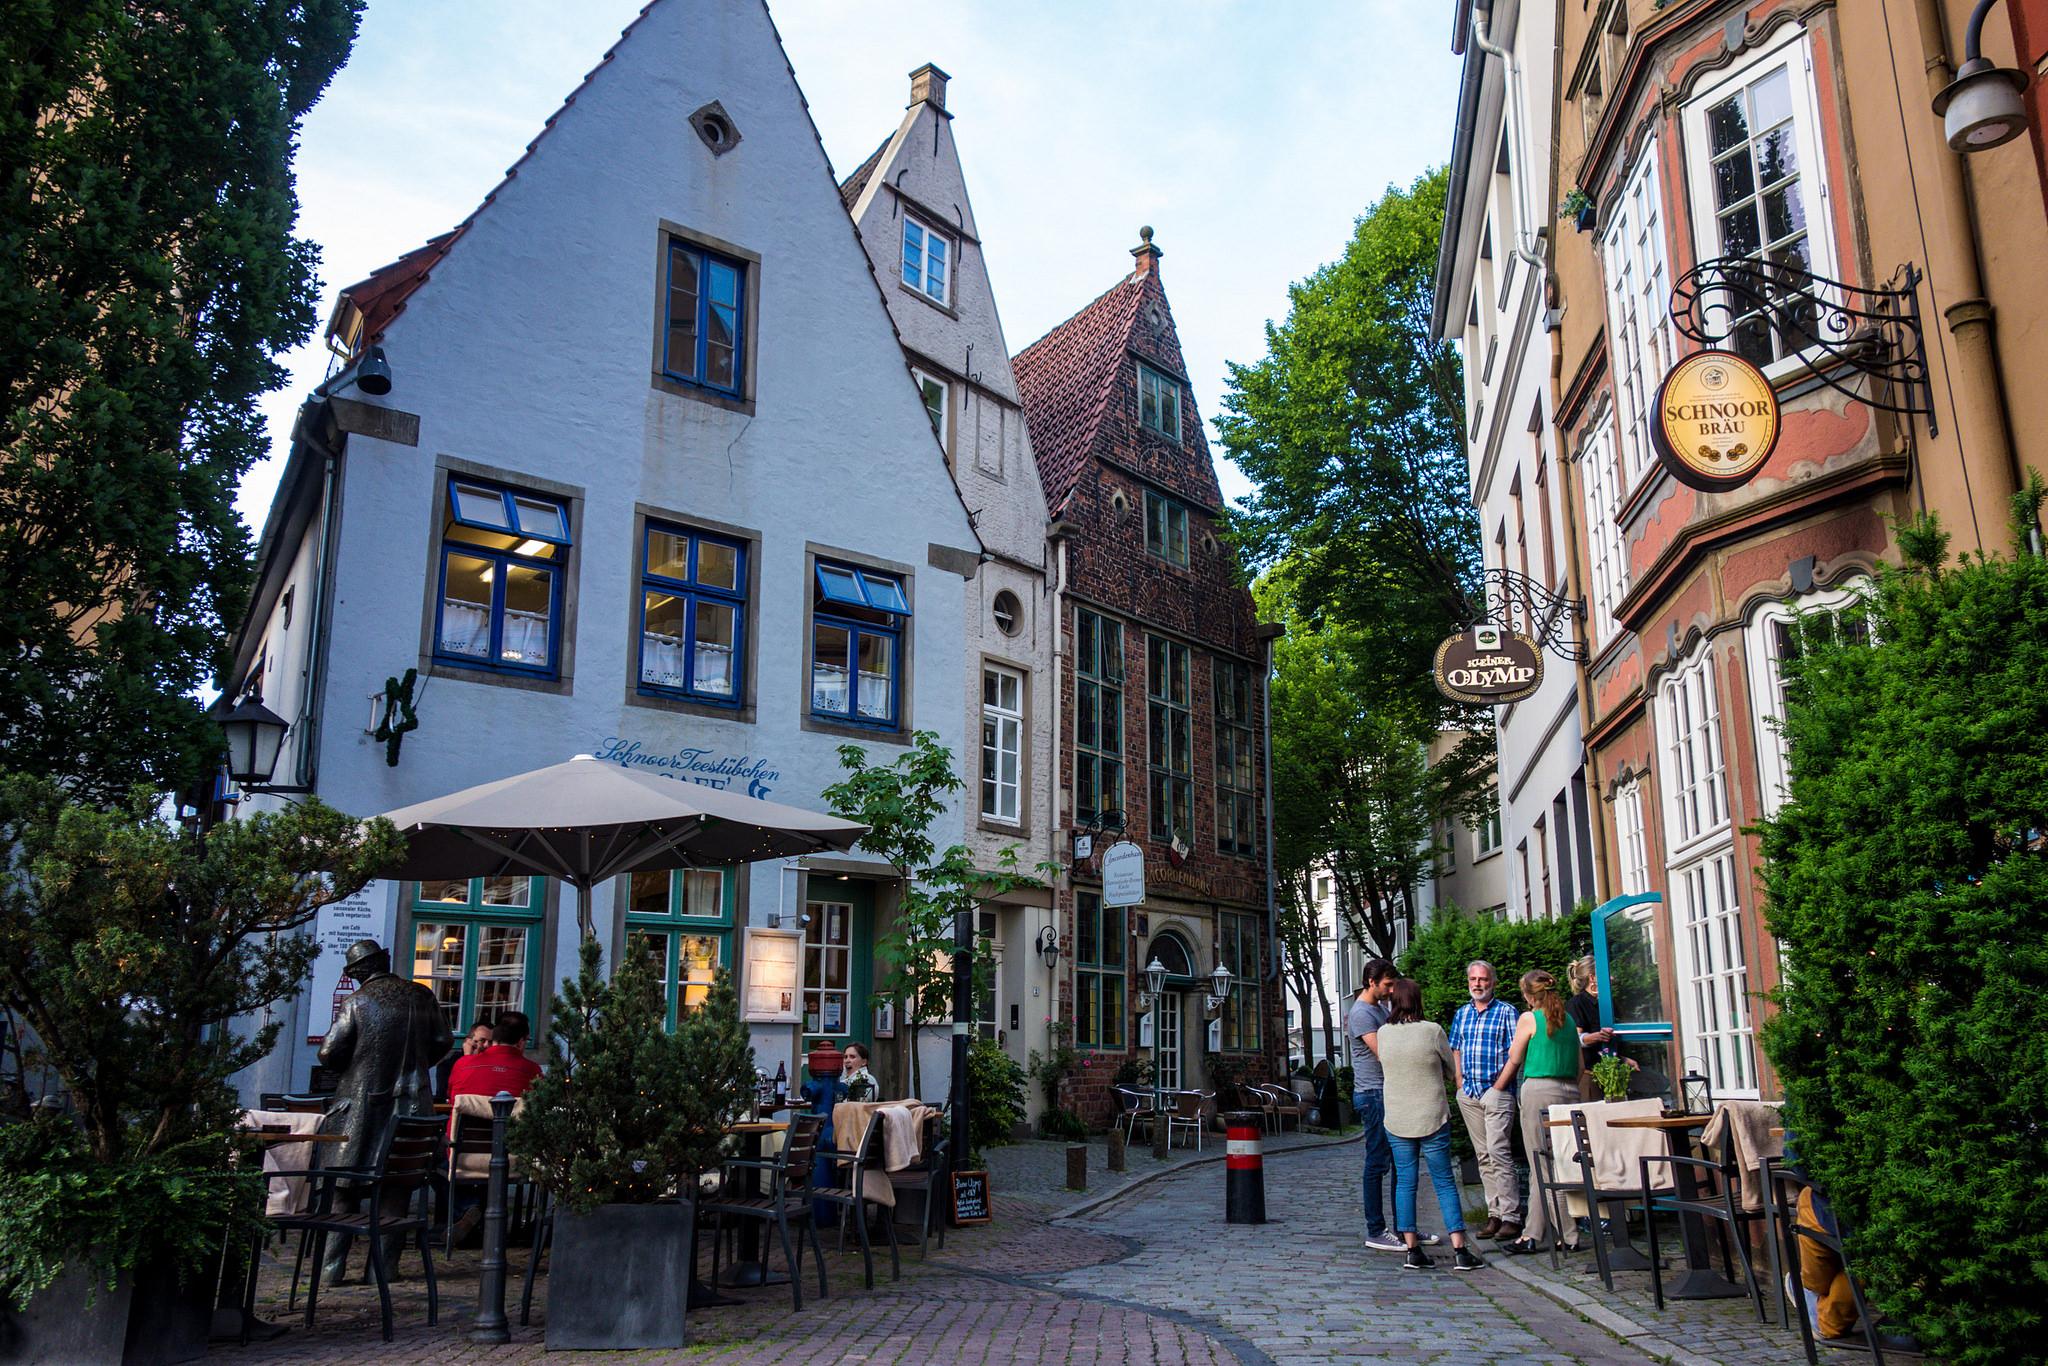 The Top 10 Restaurants In Bremen, Germany - photo#20